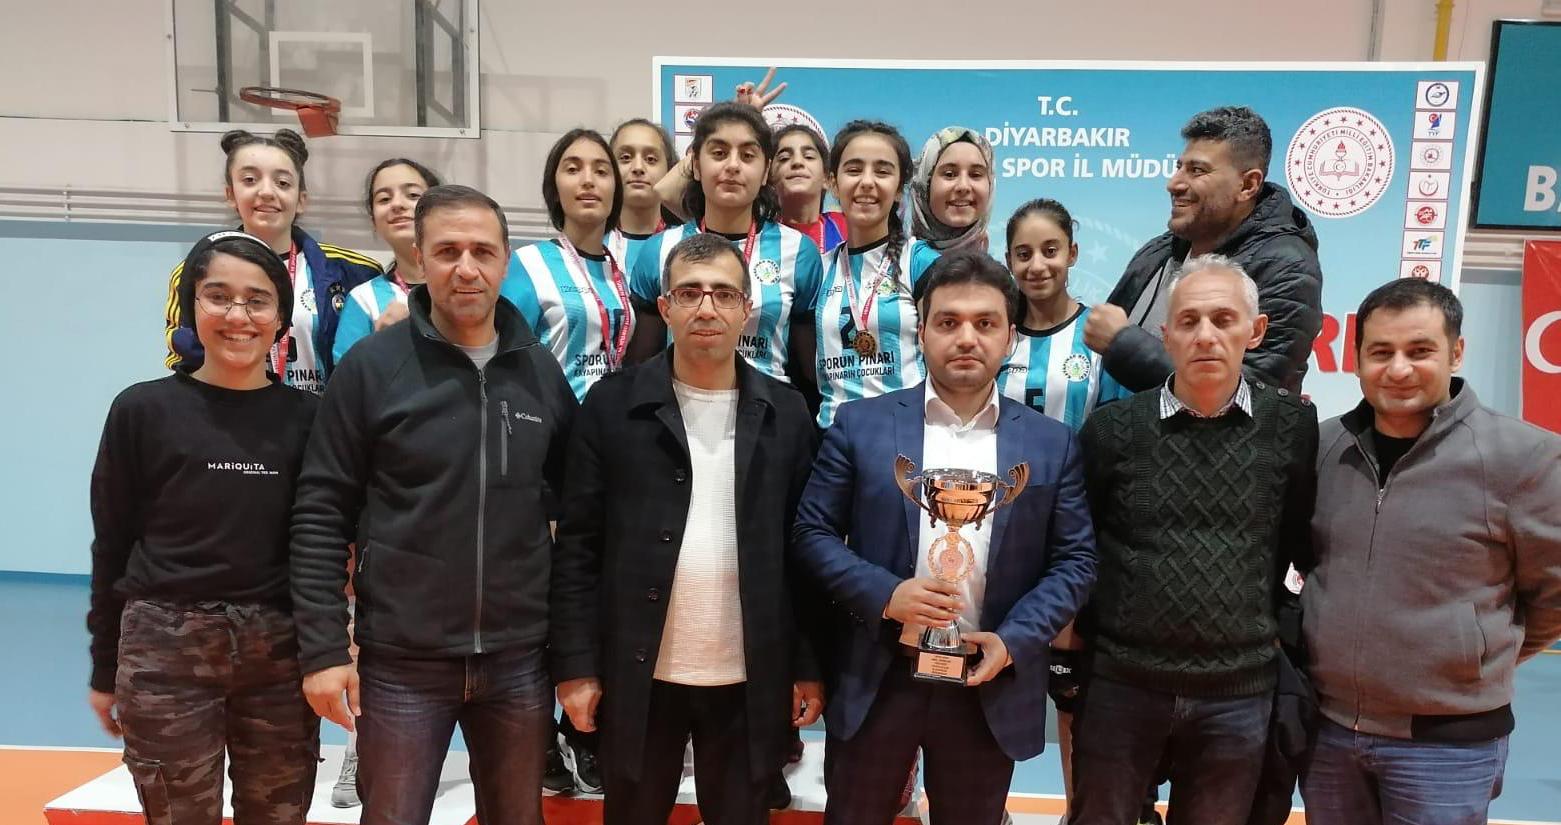 Diyarbakır'da filenin sultanları şampiyon oldu!